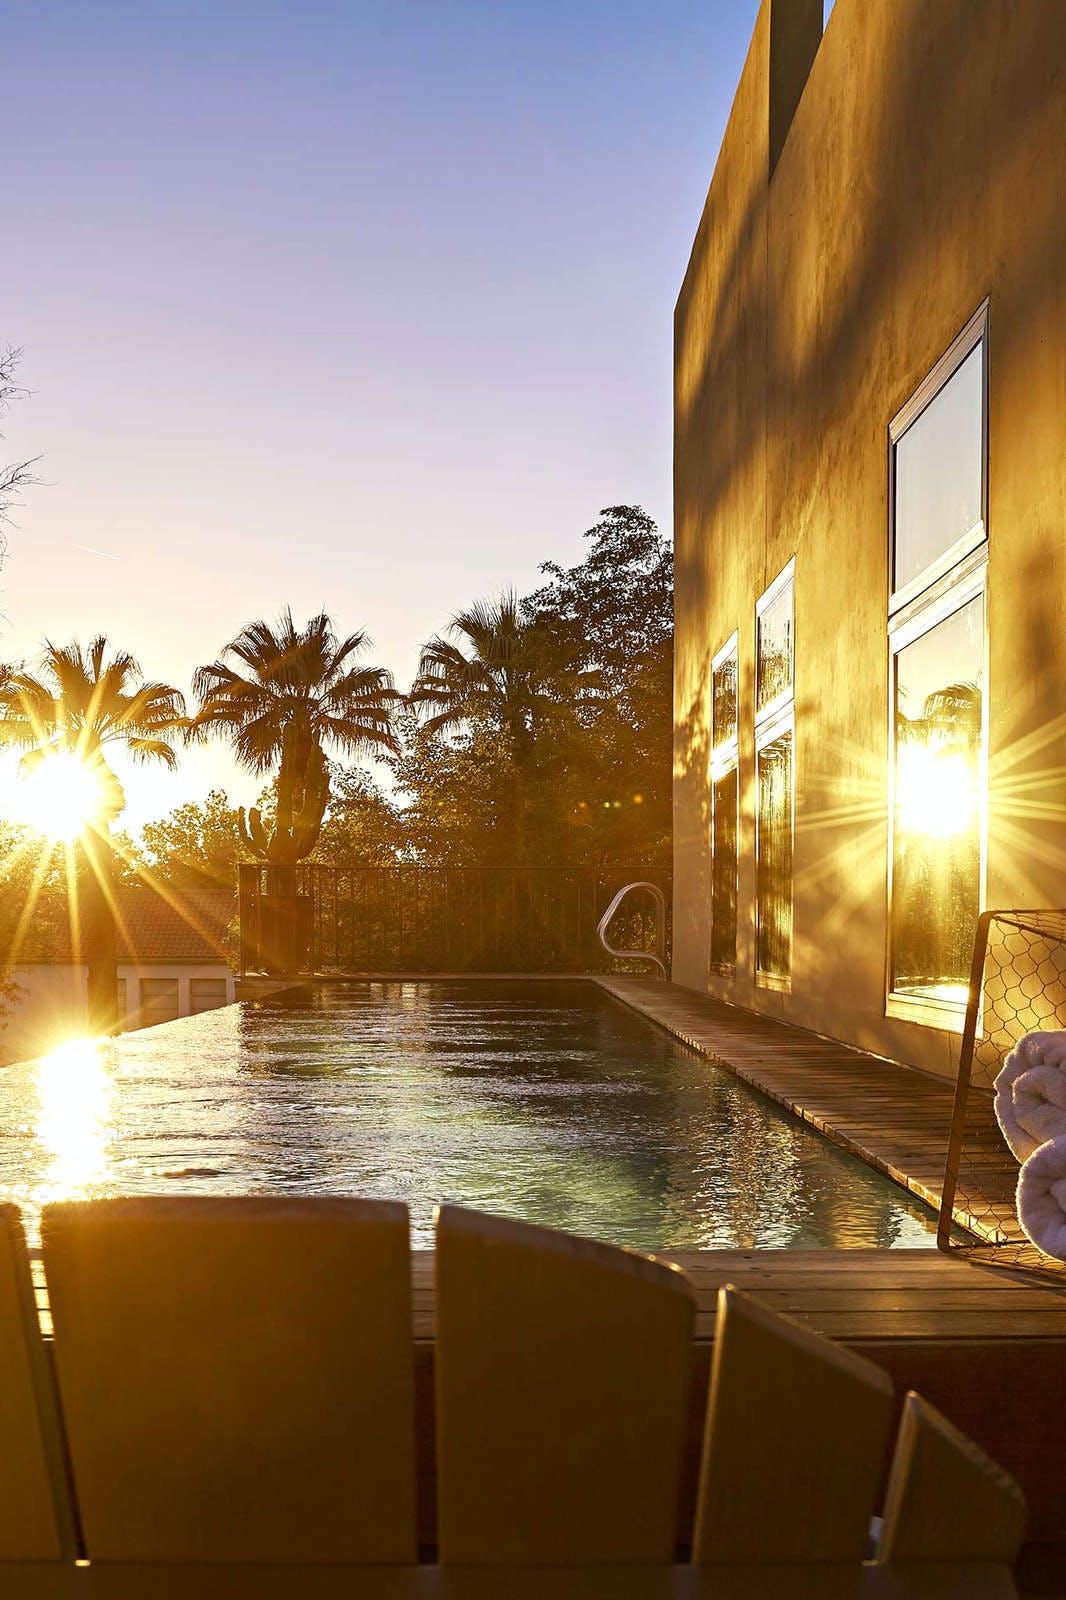 Bespoke Inn Scottsdale